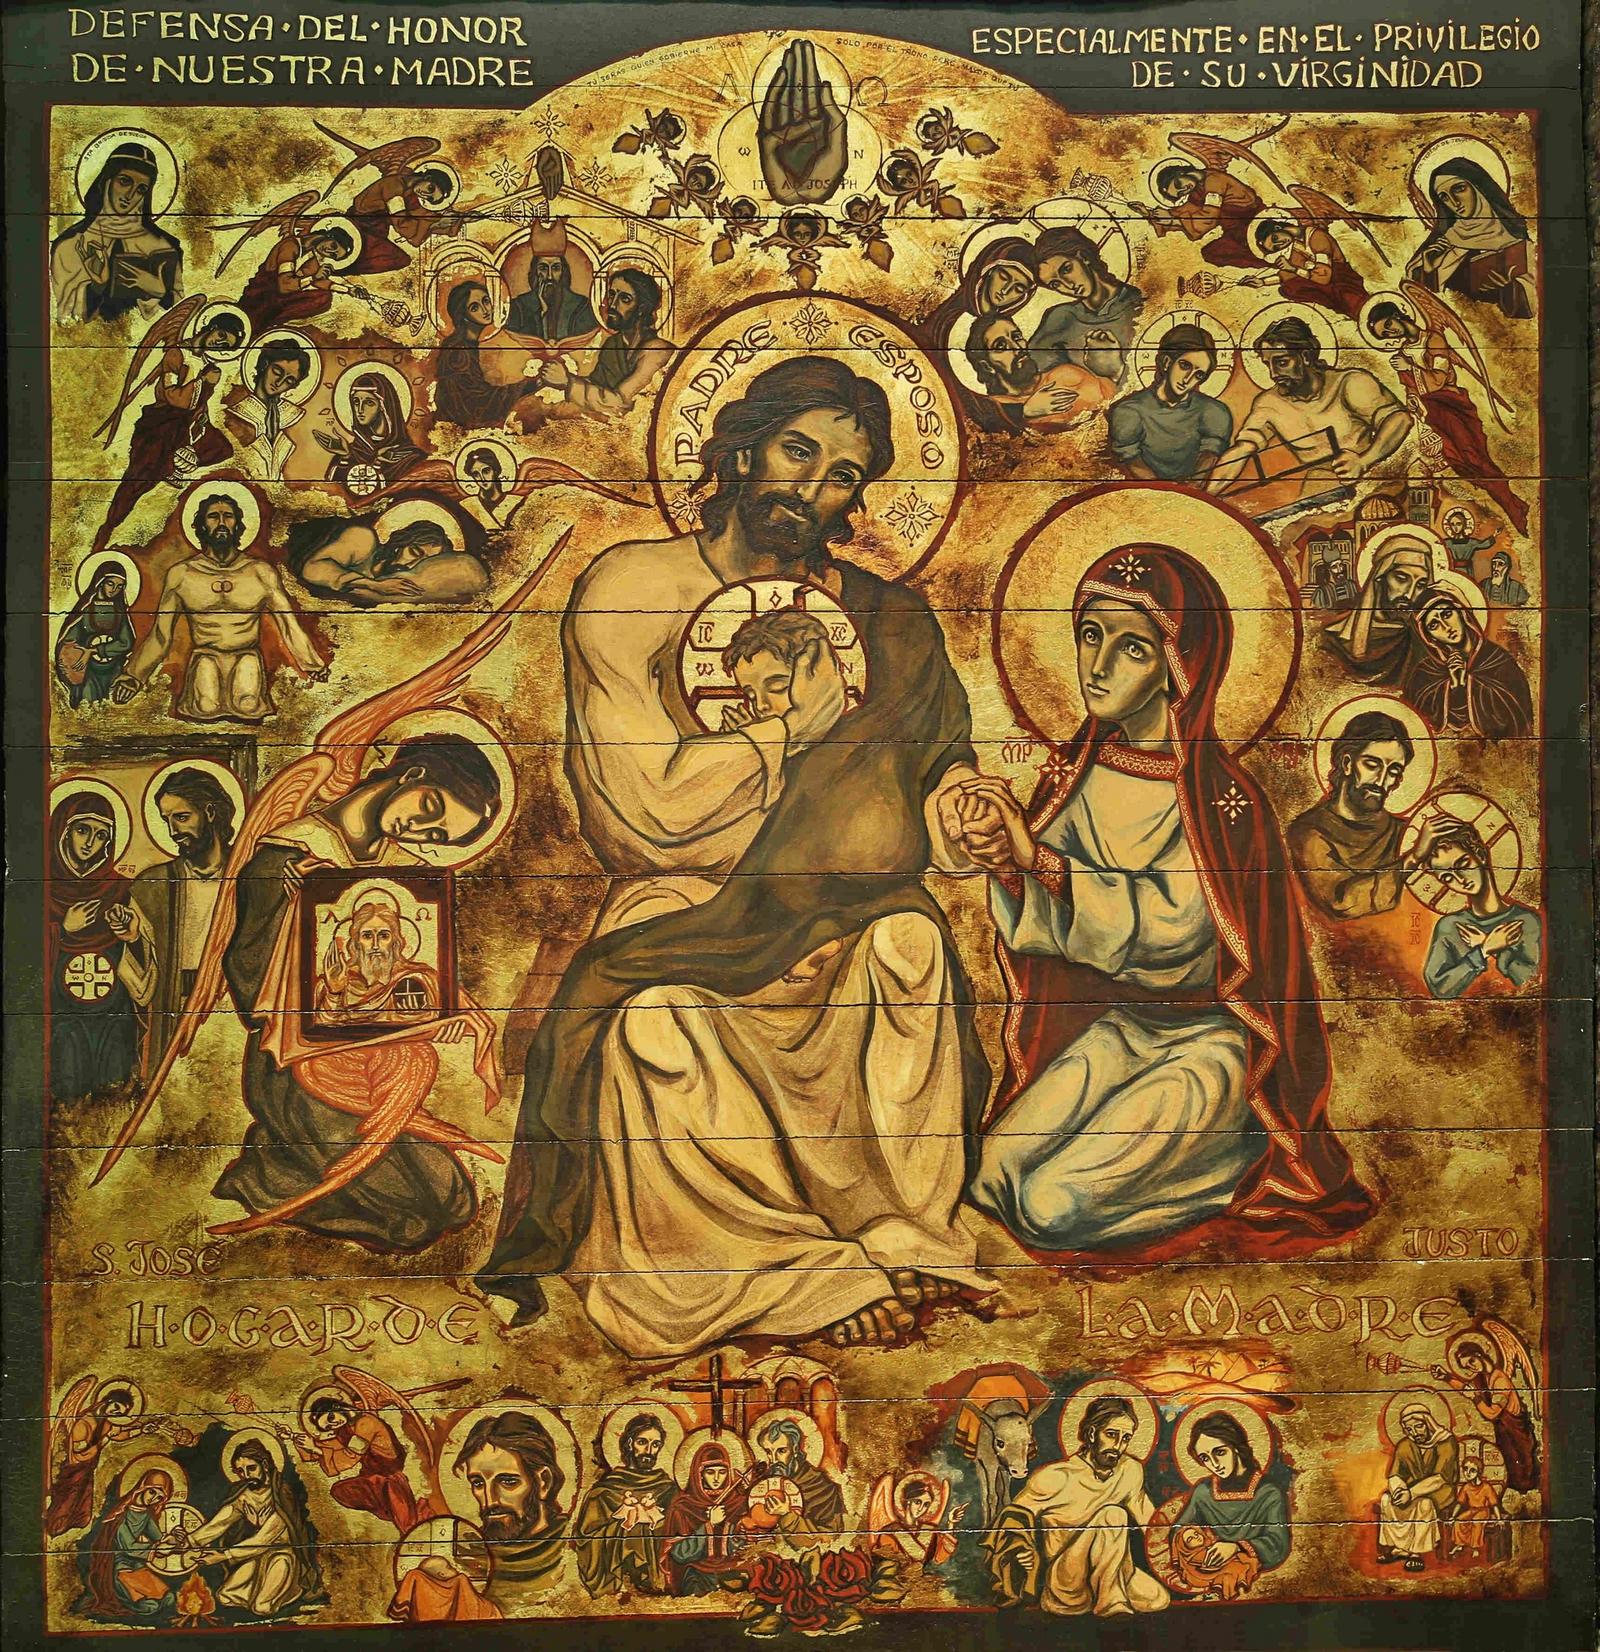 Dios Creó la Figura de San José para Enseñar sobre la Paternidad a los hombres